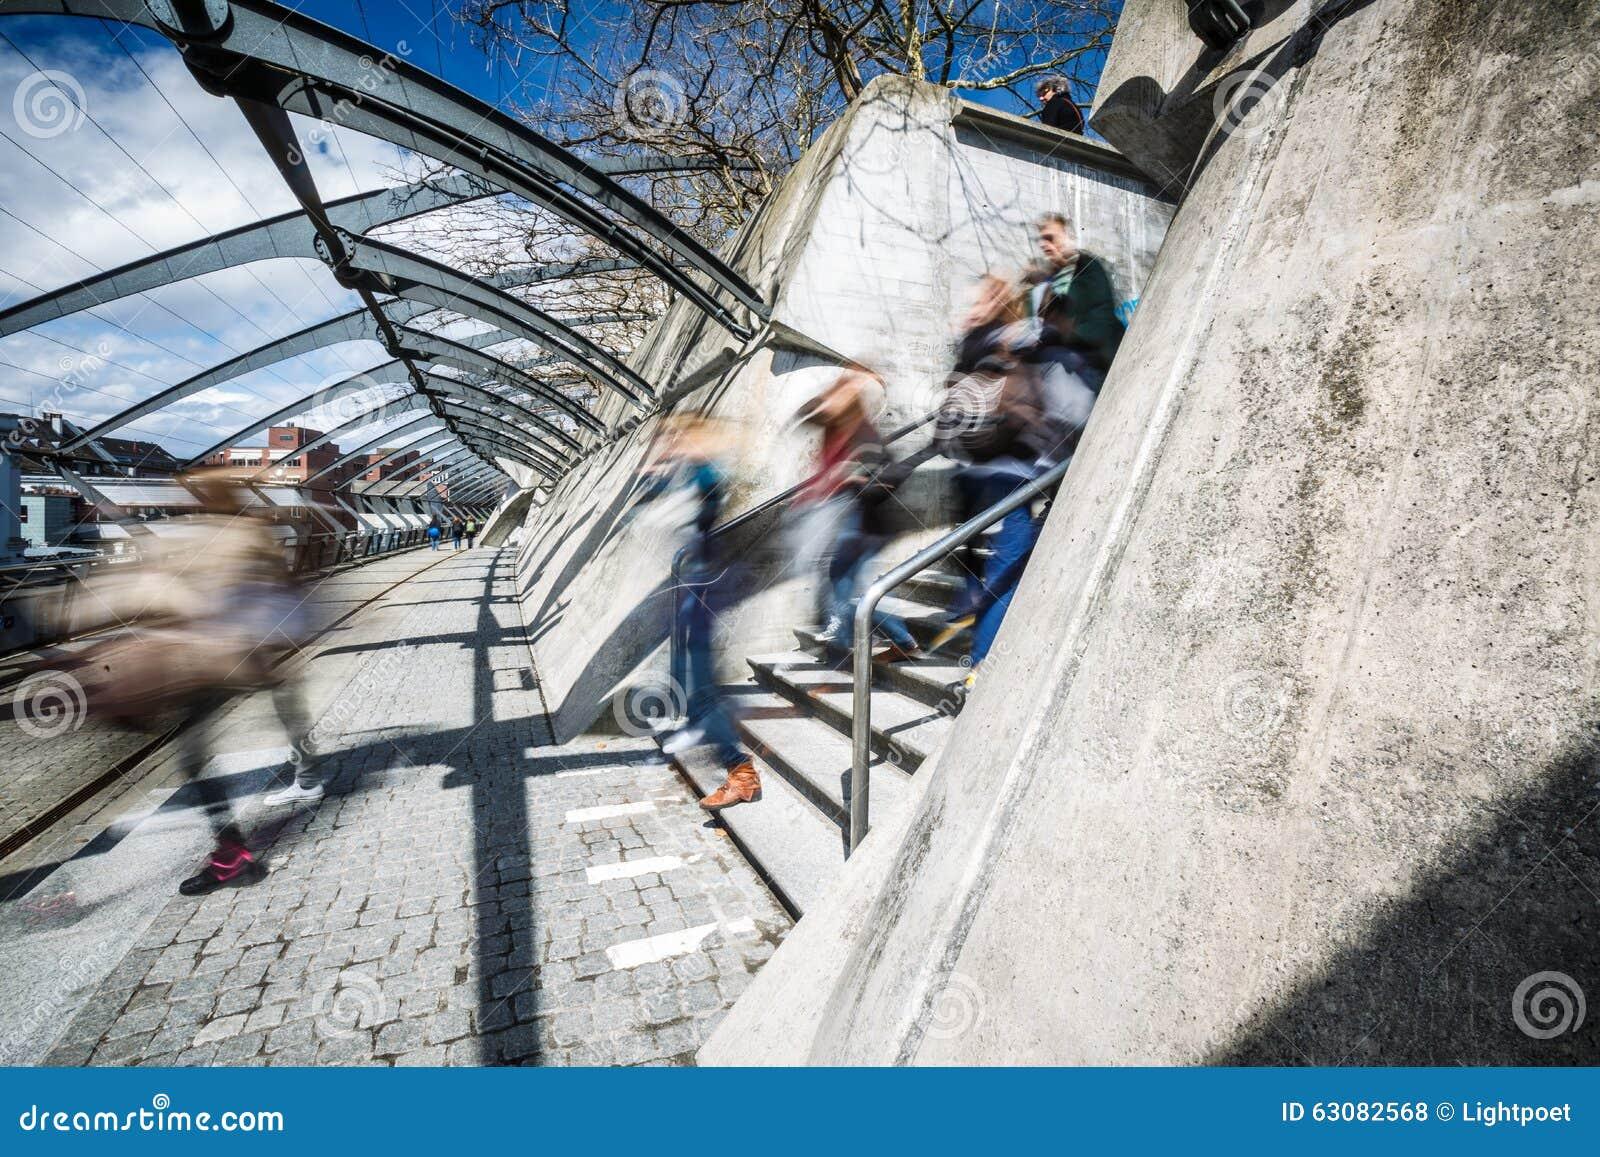 Download Les gens dans une ville photo stock. Image du ville, asiatique - 63082568